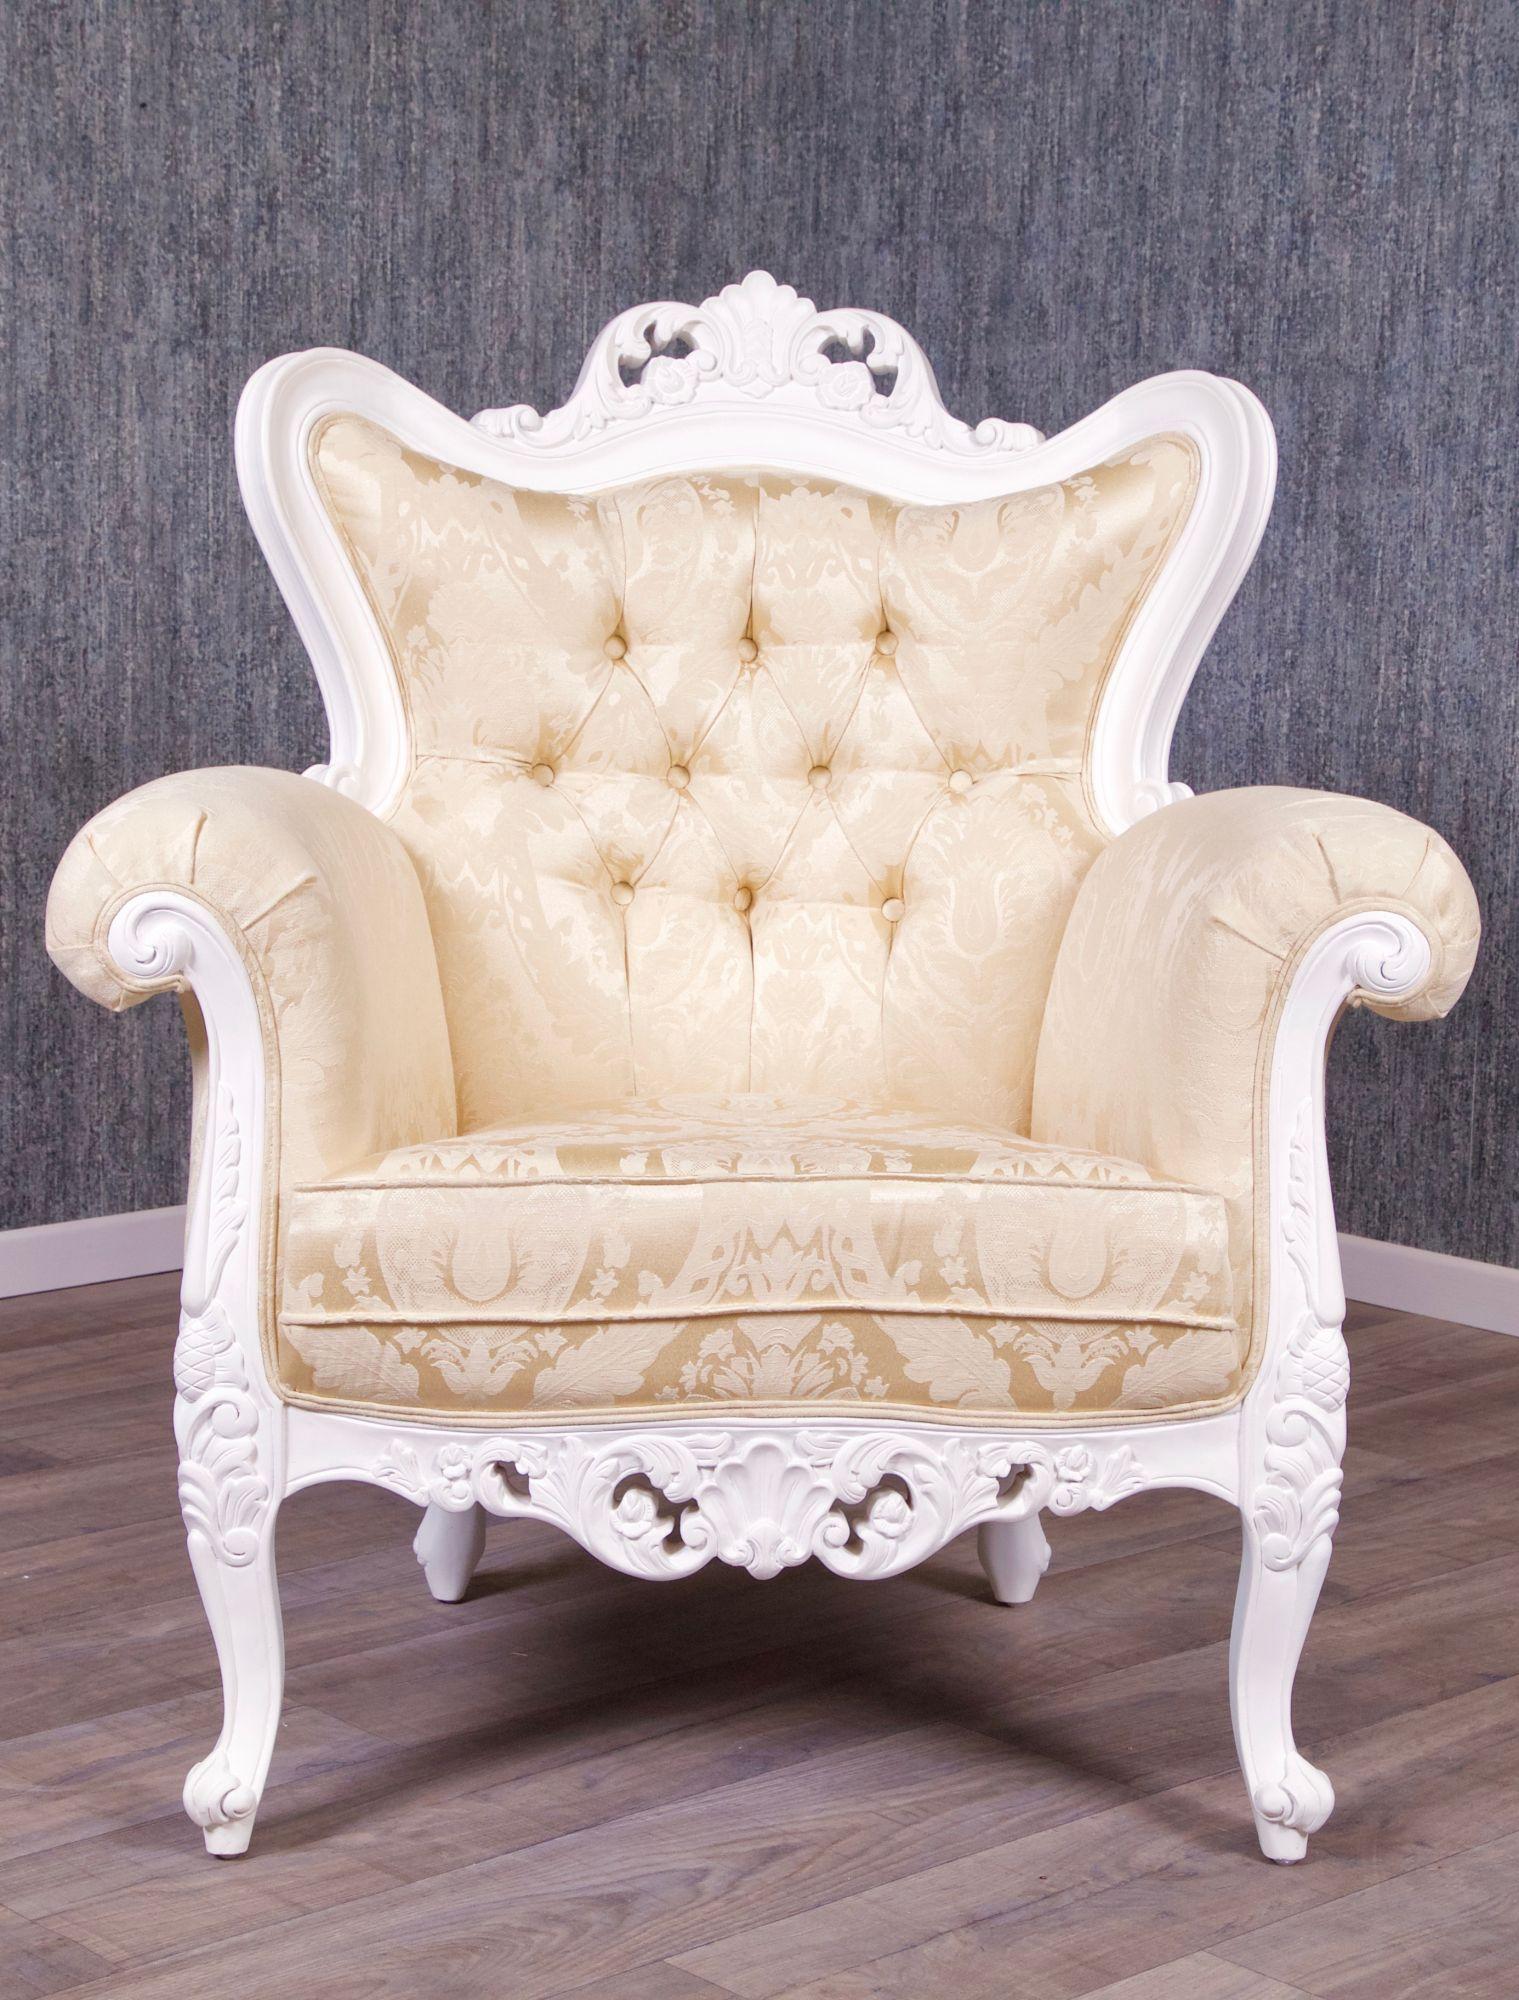 Barock Sessel Meisya Antik Weiss Mit Ornamenten Sessel Sofas